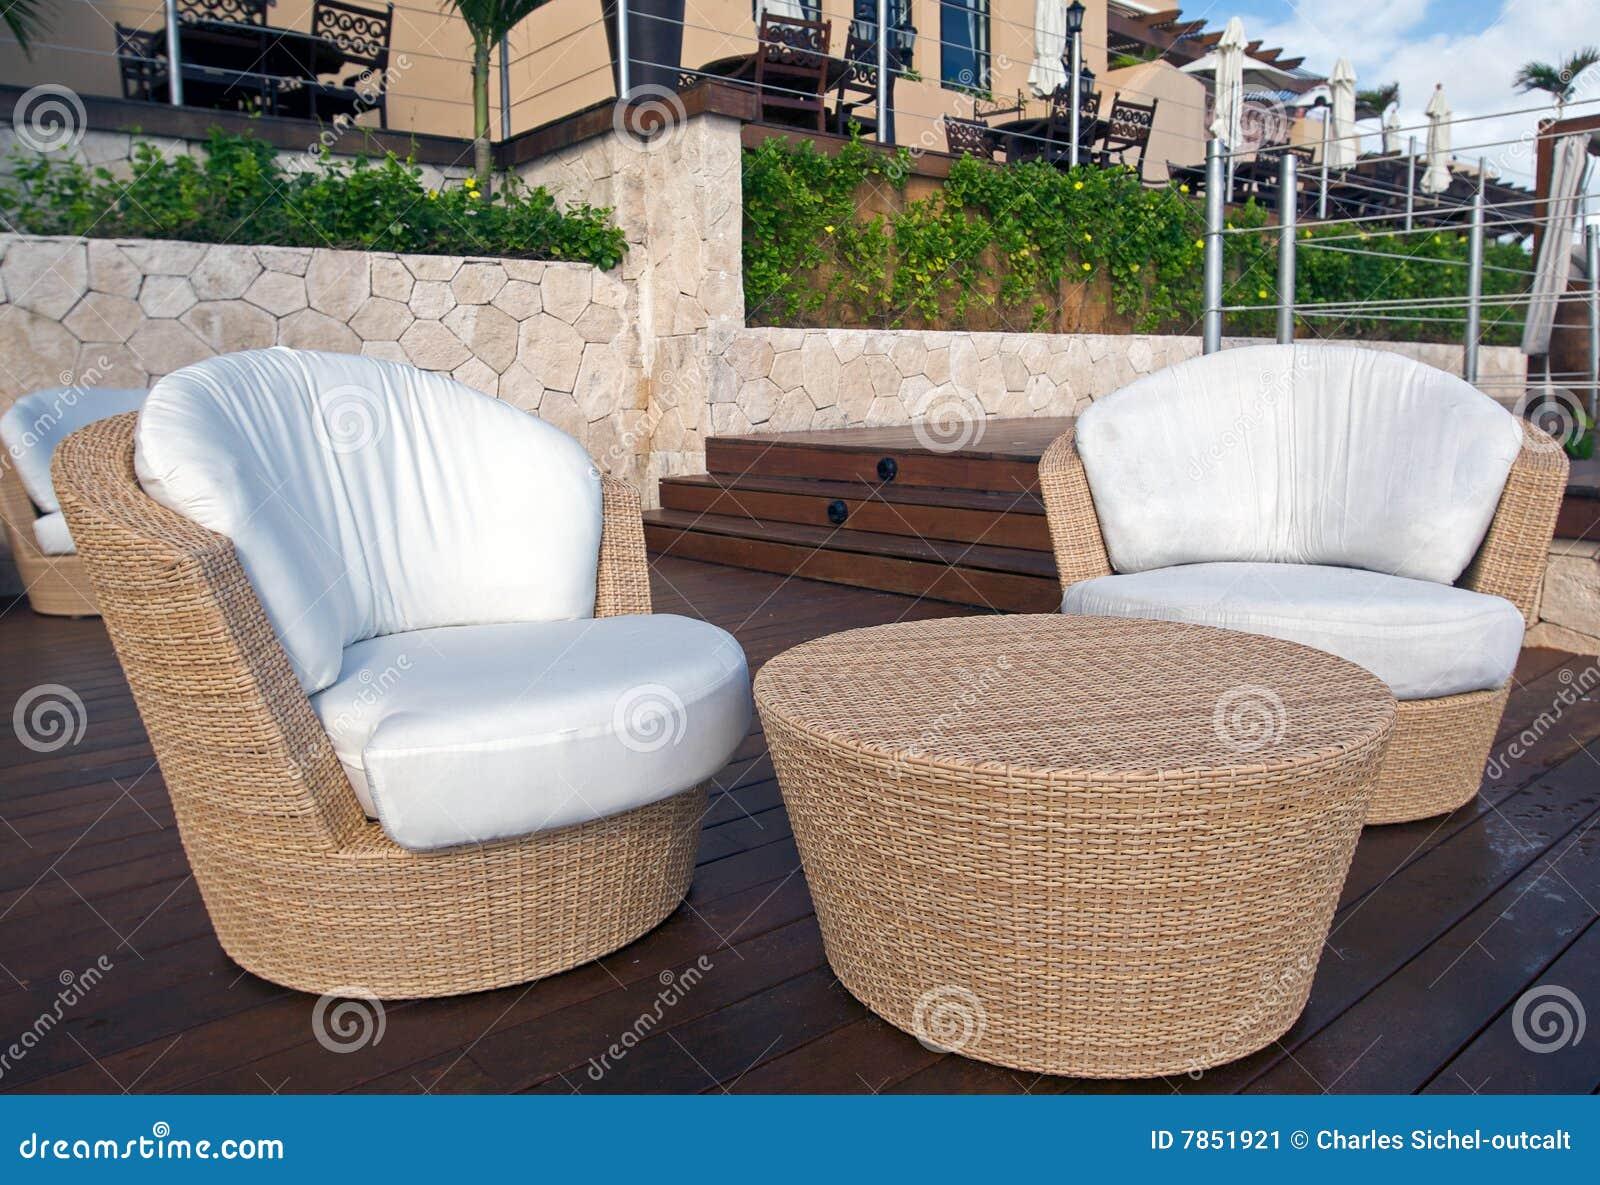 Muebles de mimbre en el centro tur stico de lujo imagen de for Muebles de mimbre en valencia